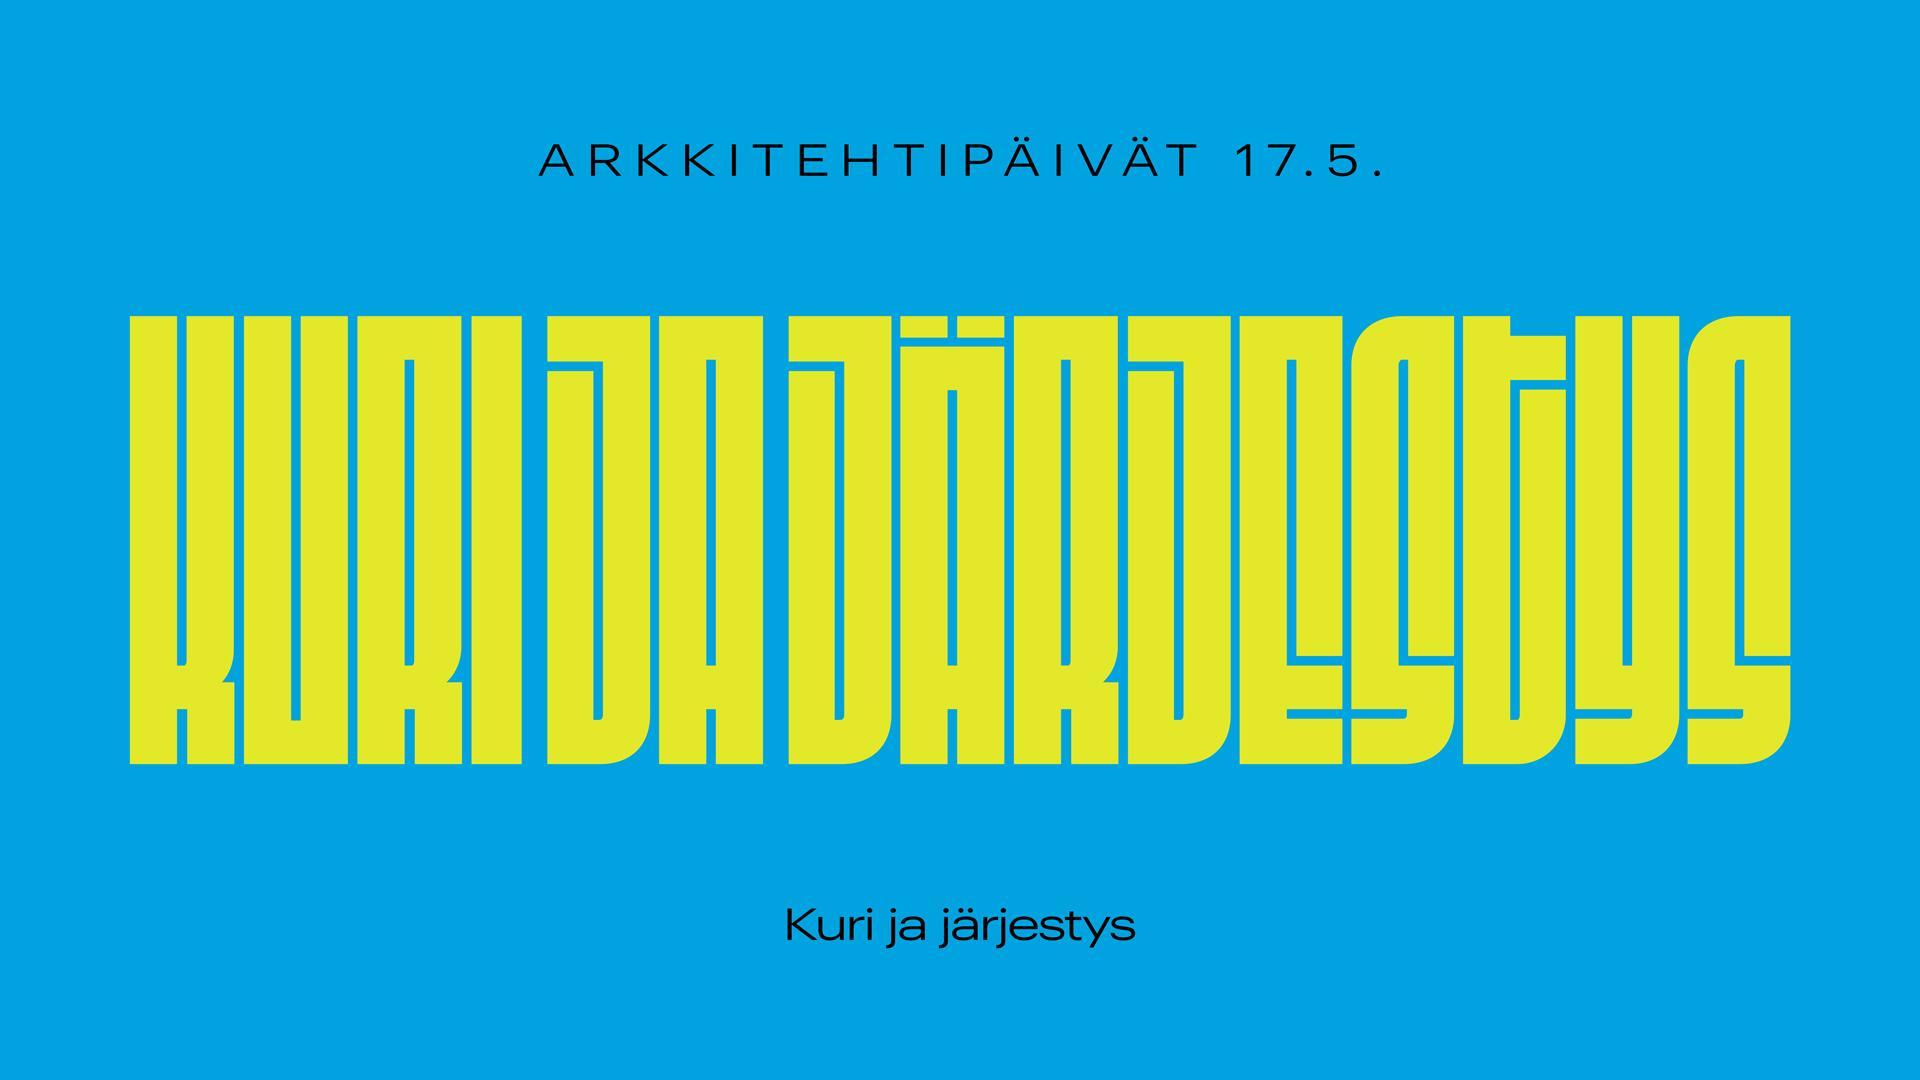 Arkkitehtipaivat-2019-banneri